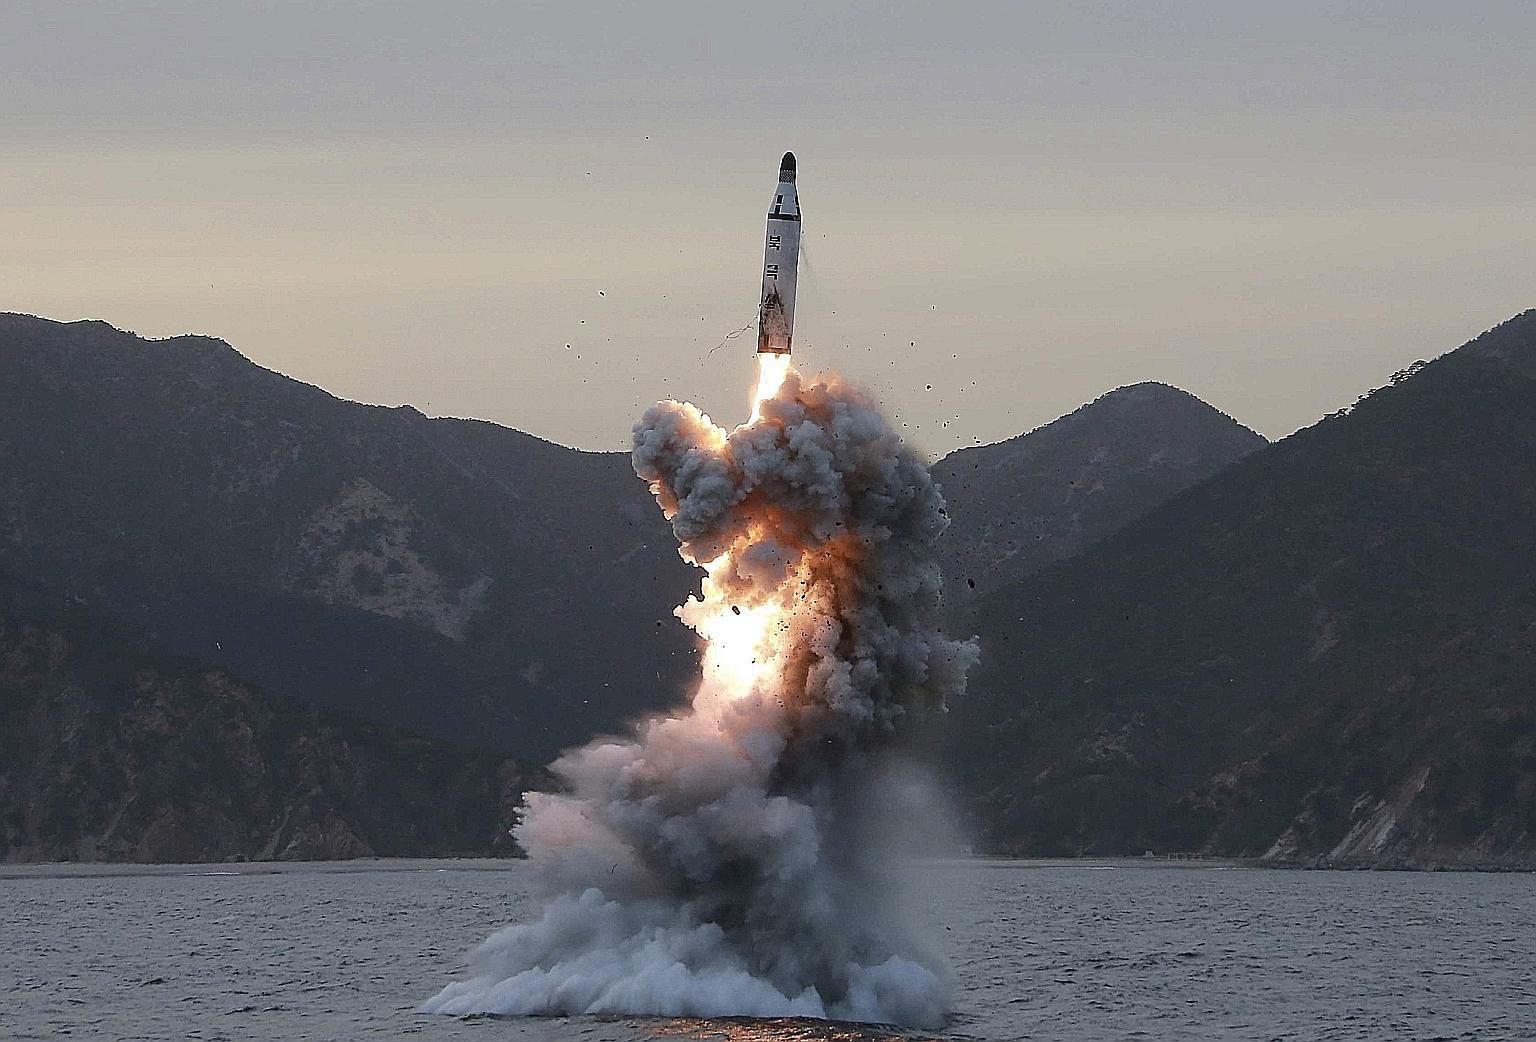 8 mục tiêu Mỹ có thể oanh tạc nếu đánh phủ đầu Triều Tiên - 4